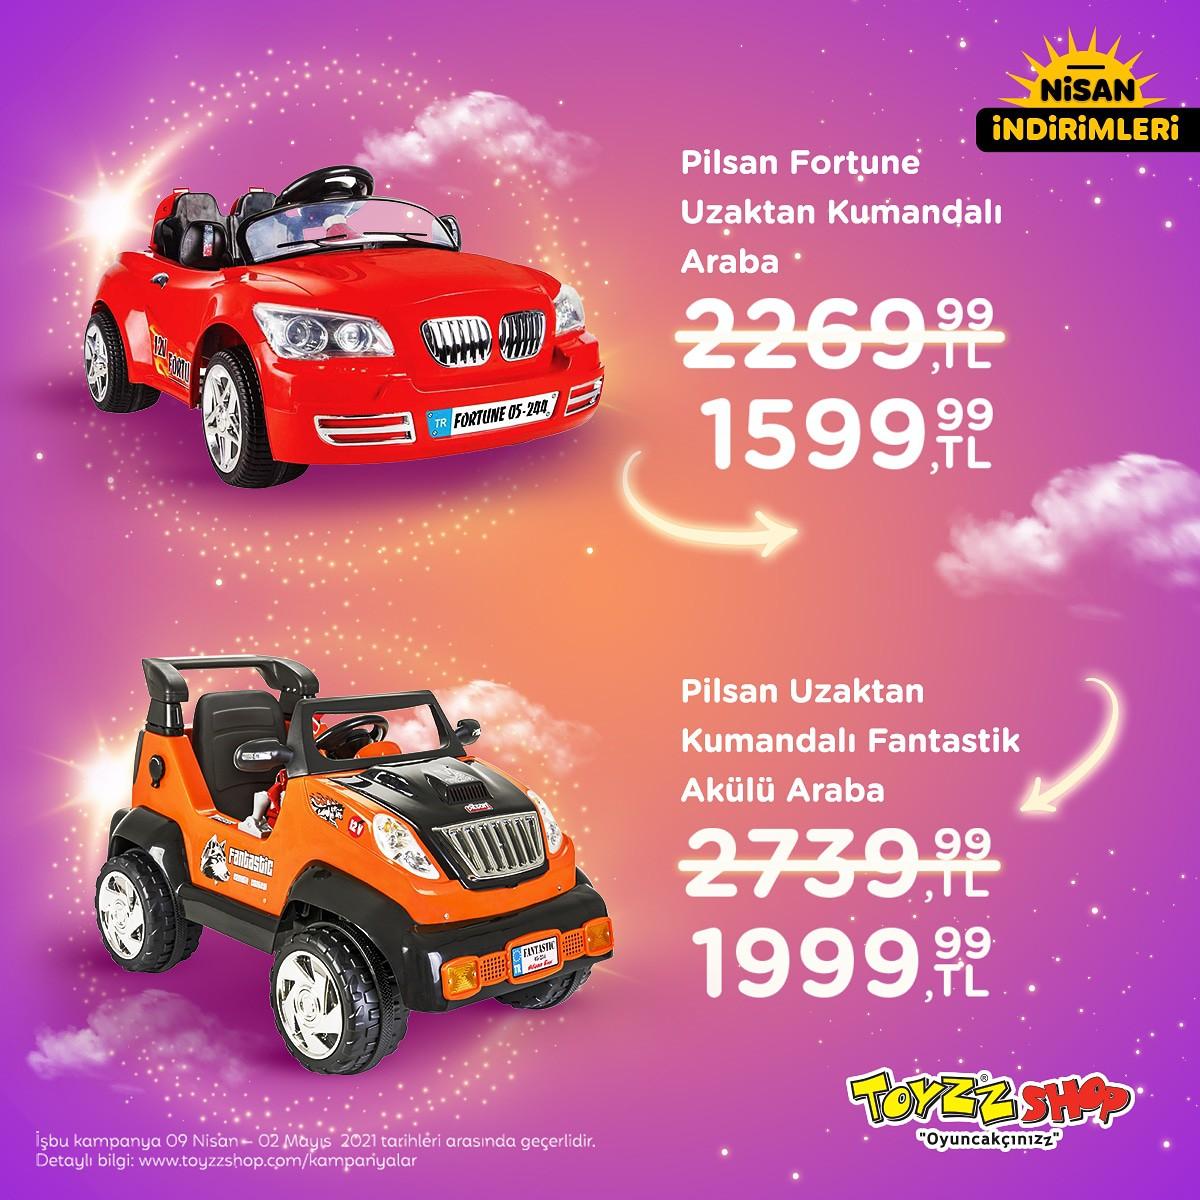 Toyzz Shop Uzaktan Kumandalı Arabalarda Büyük İndirim